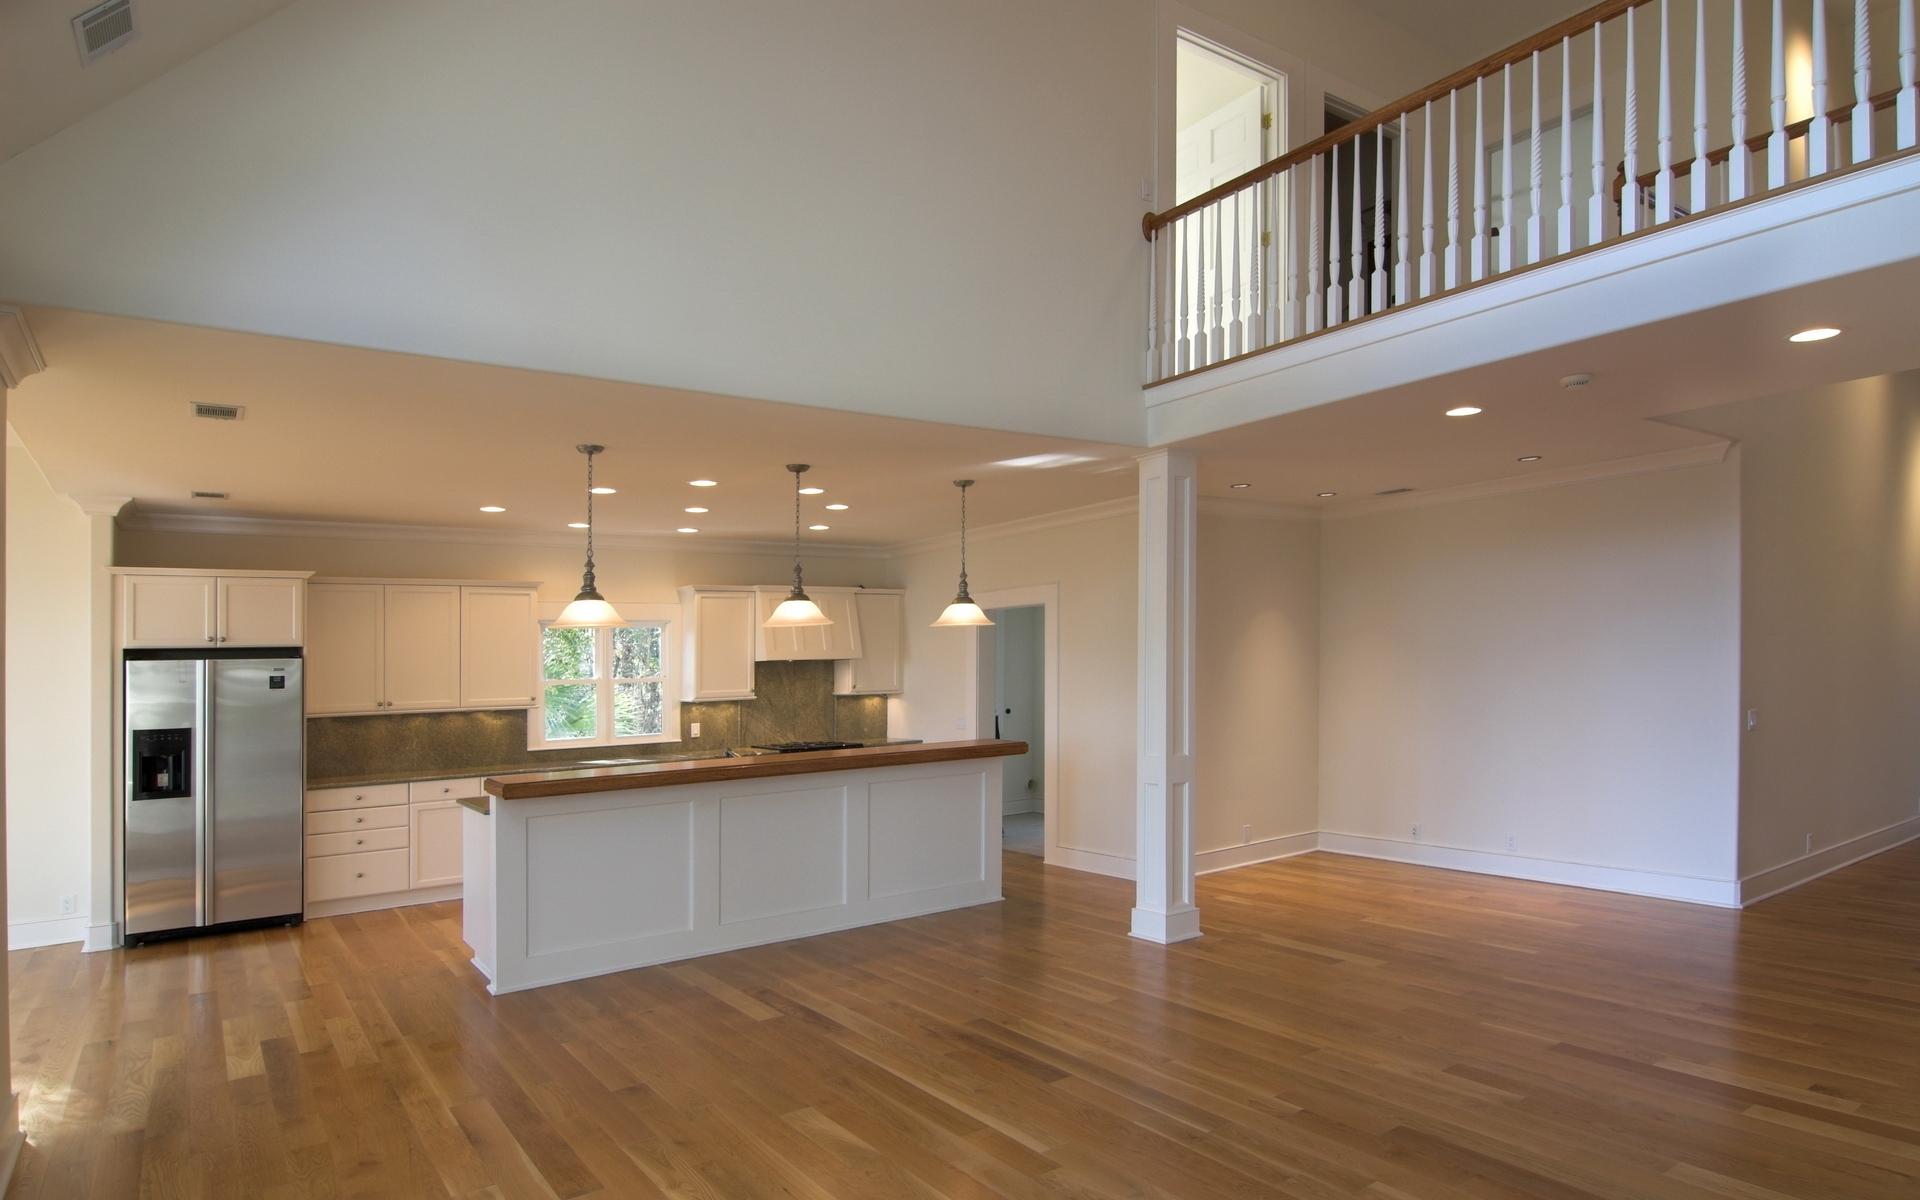 Relativ Hintergrundbilder : Zimmer, Tabelle, Holz, Haus, Küche YD36